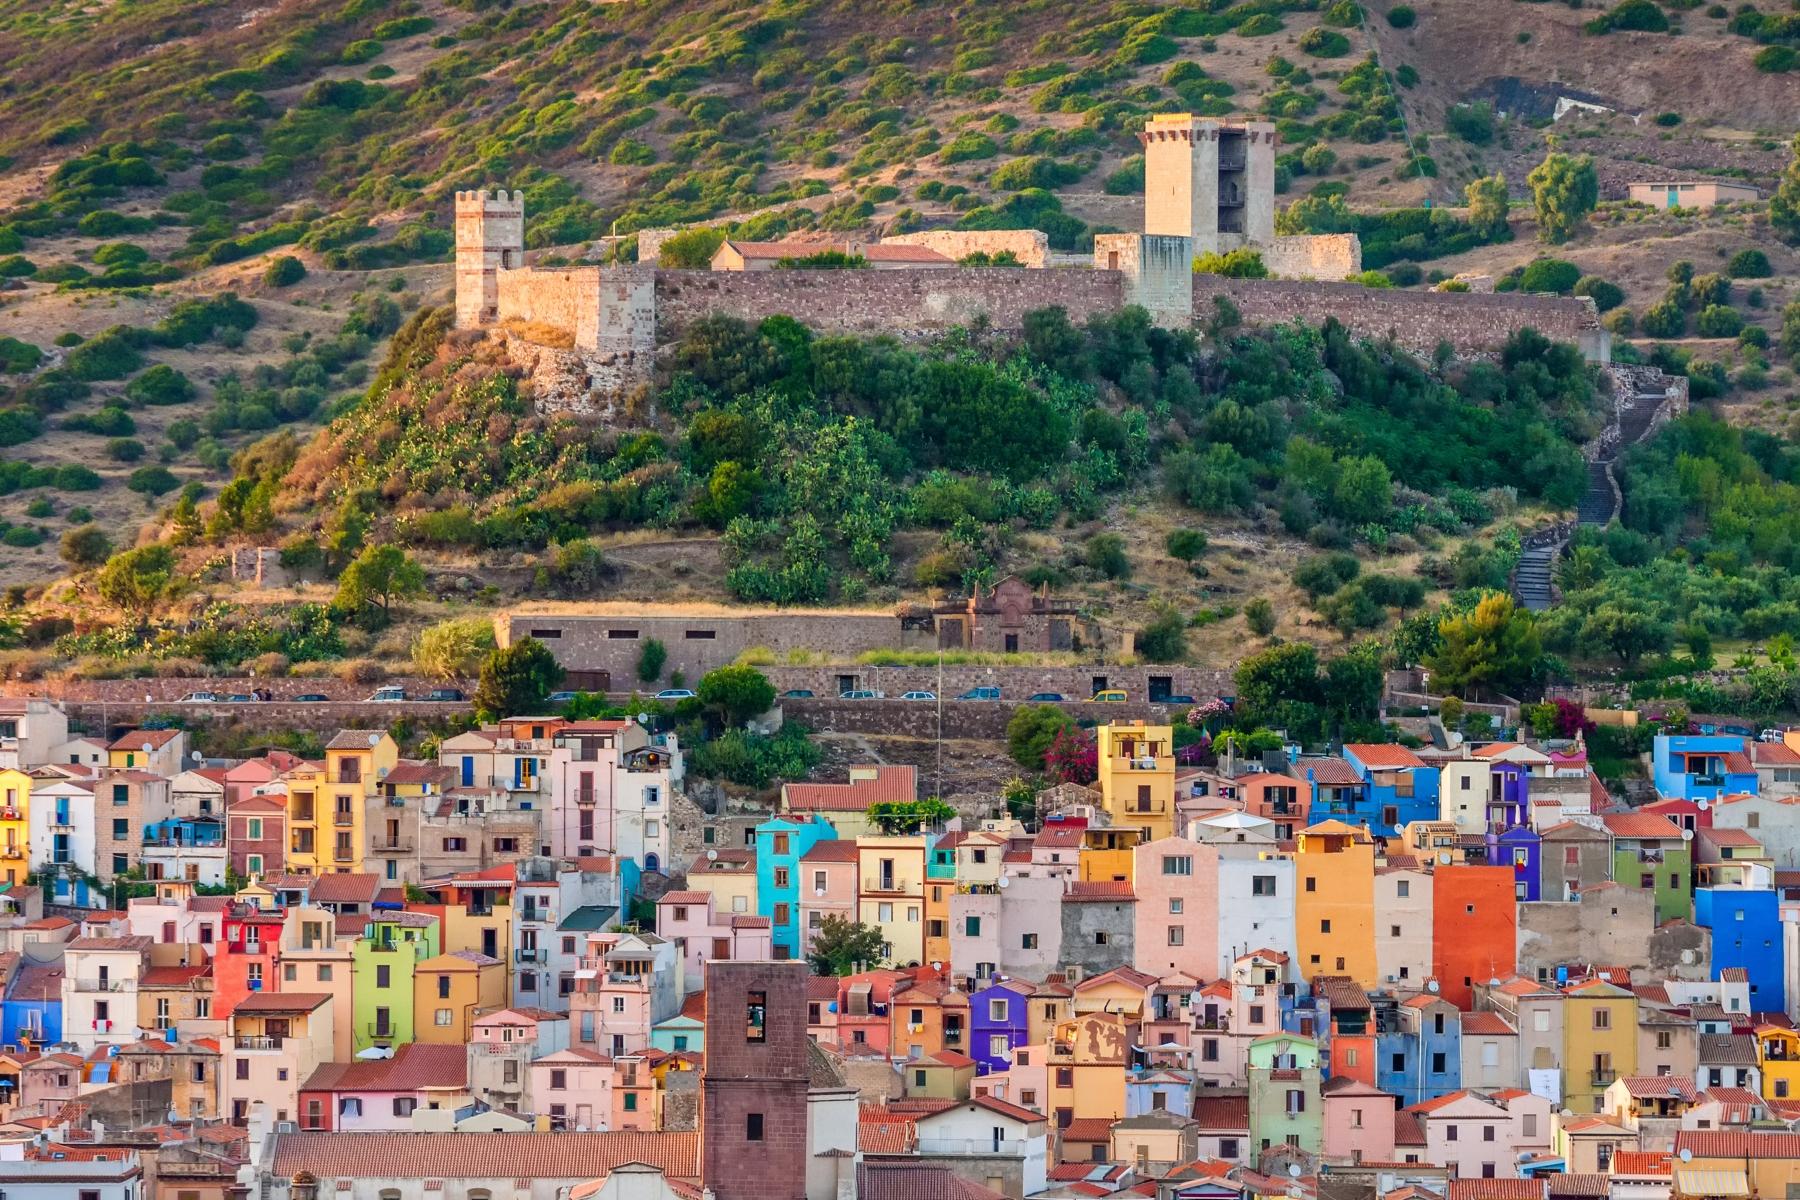 Castello di serravalle o dei malaspina sardegnaturismo for Serravalle italy